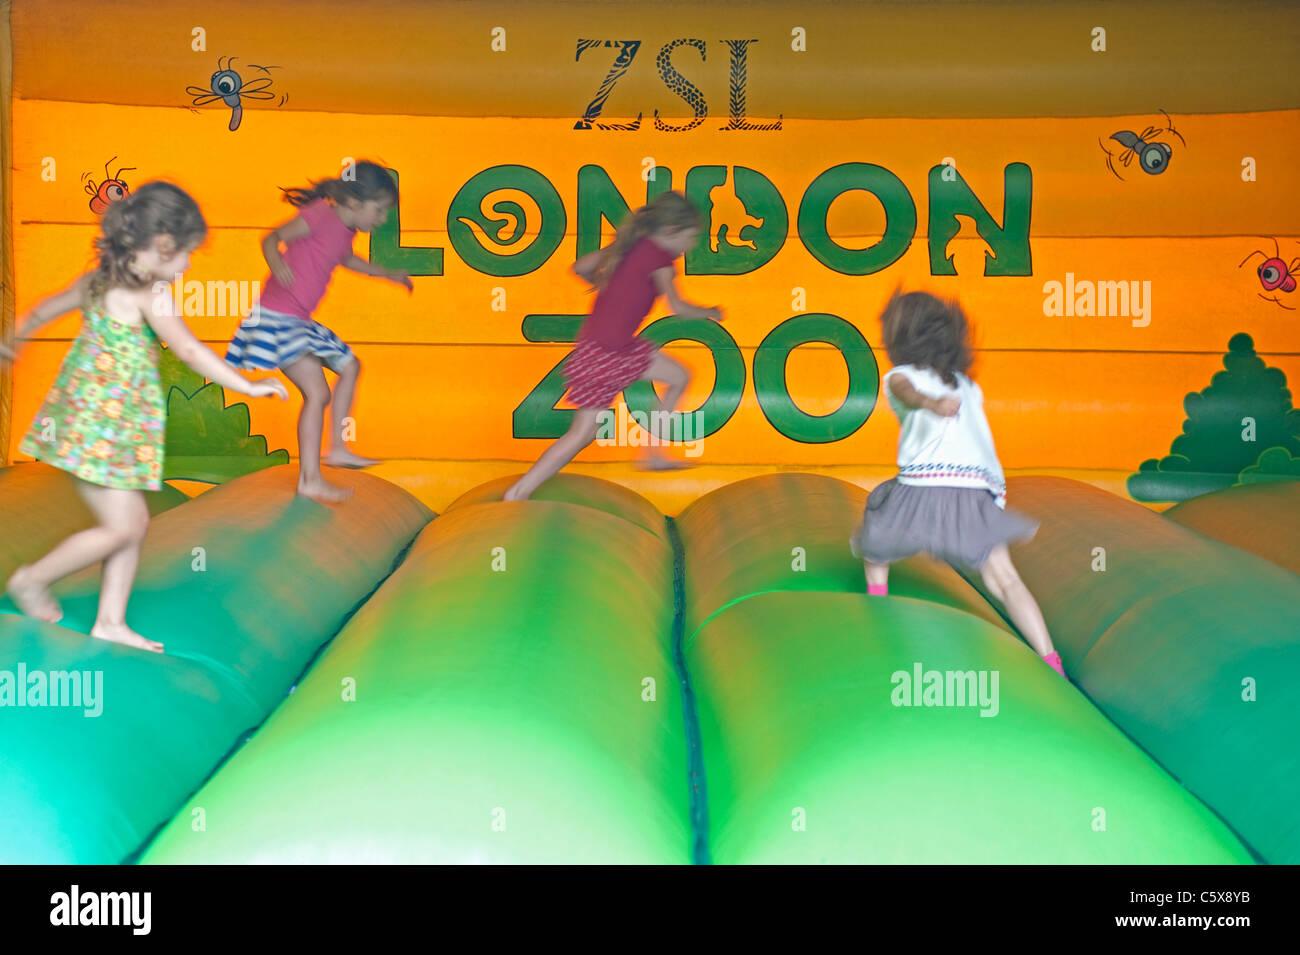 Vier kleine Mädchen hüpfen auf eine aufblasbare Hüpfburg im Londoner Zoo. Stockbild